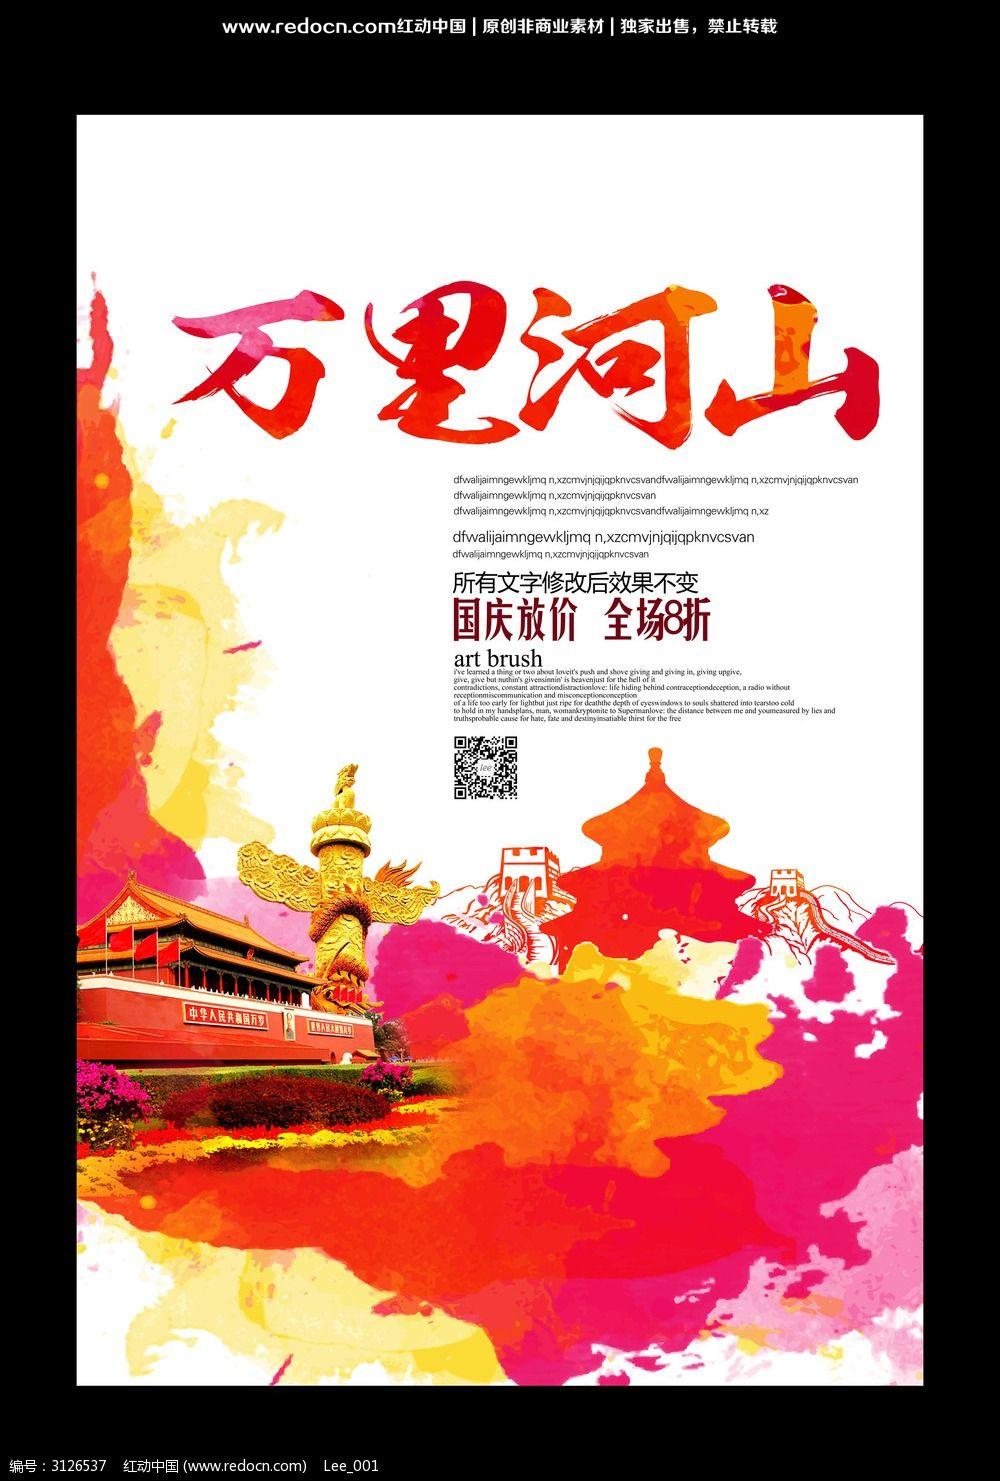 65华诞国庆节水墨创意海报